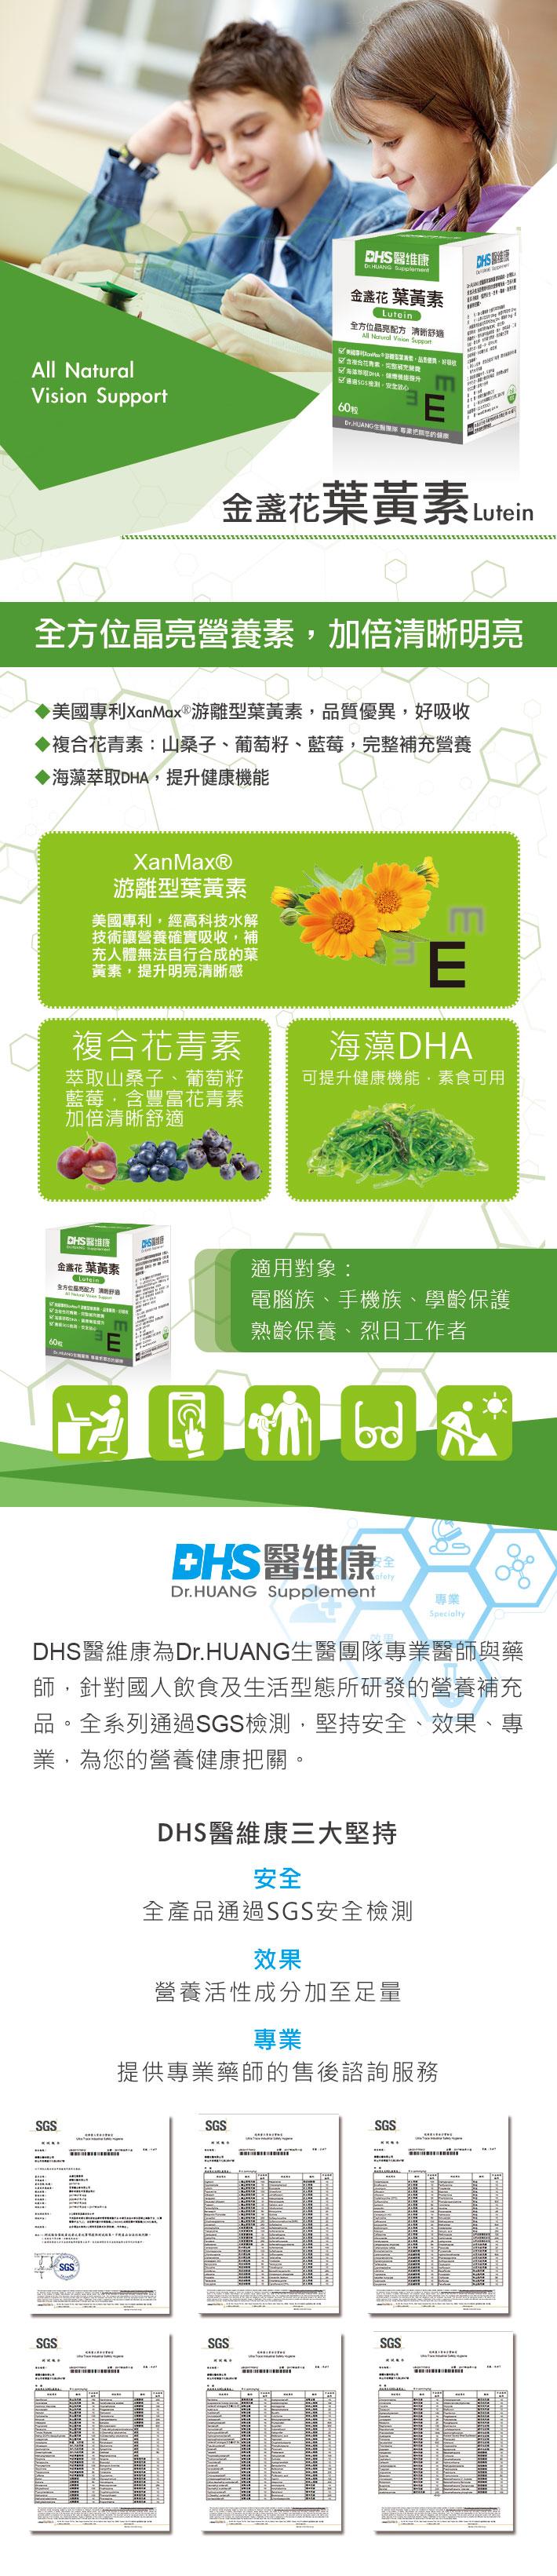 DHS醫維康金盞花葉黃素全方位晶亮營養素加倍清晰明亮美國專利XanMax游離型葉黃素複合花青素珊喪子葡萄籽藍莓海藻萃取DHA電腦族手機族學齡保護熟齡保養